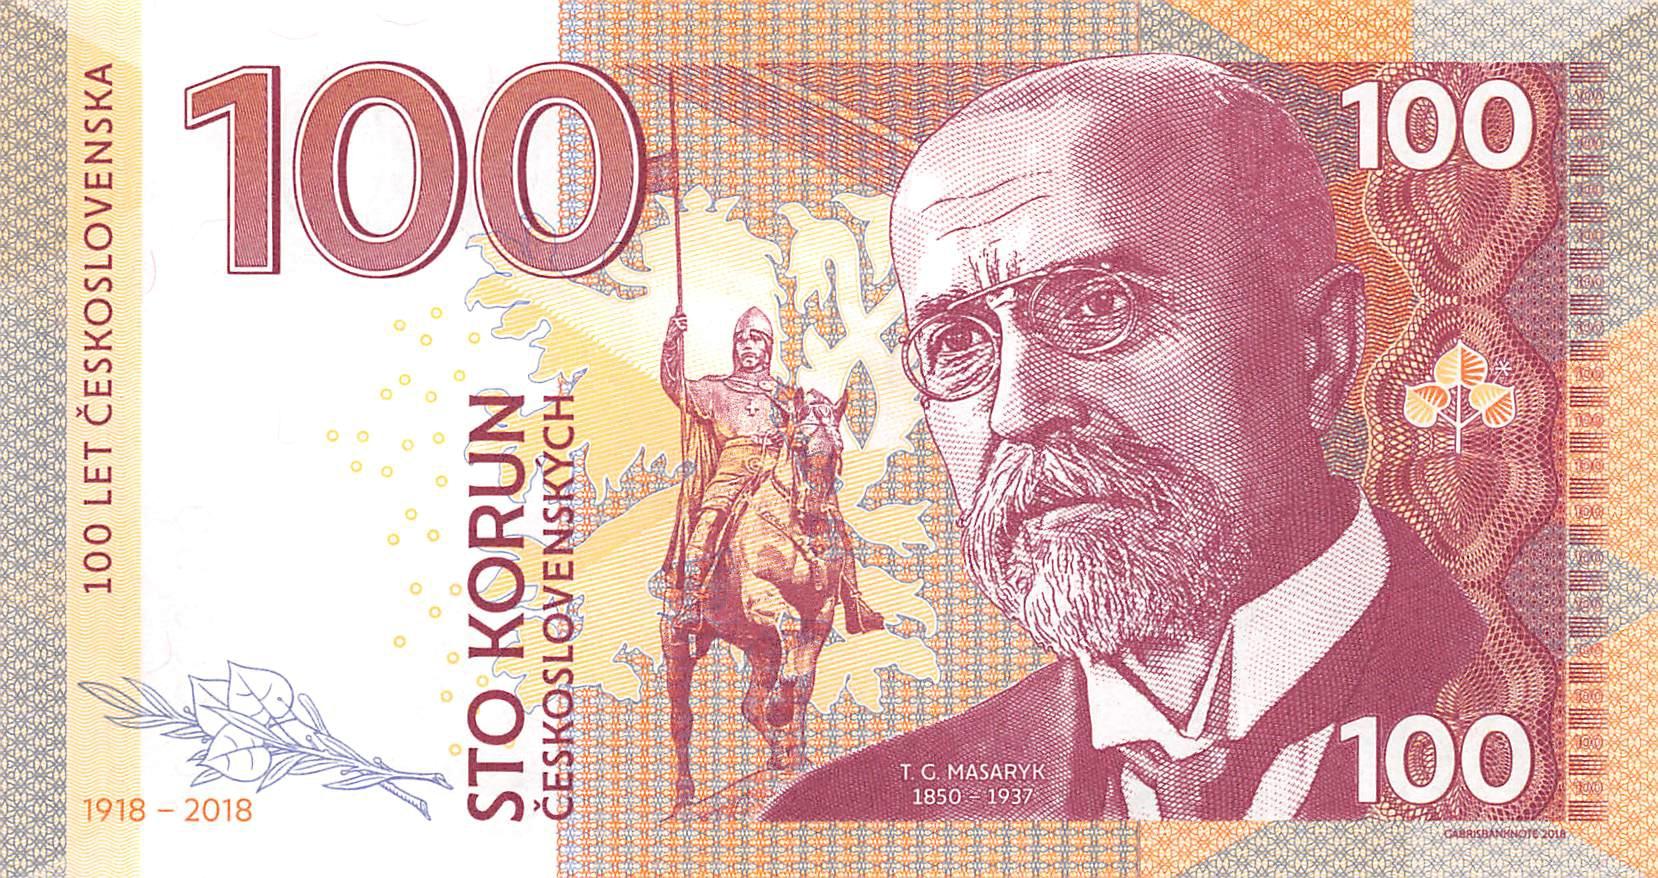 Ceskoslovenska 100 Korun 2018 Unc T G  Masaryk 1850 - 1937